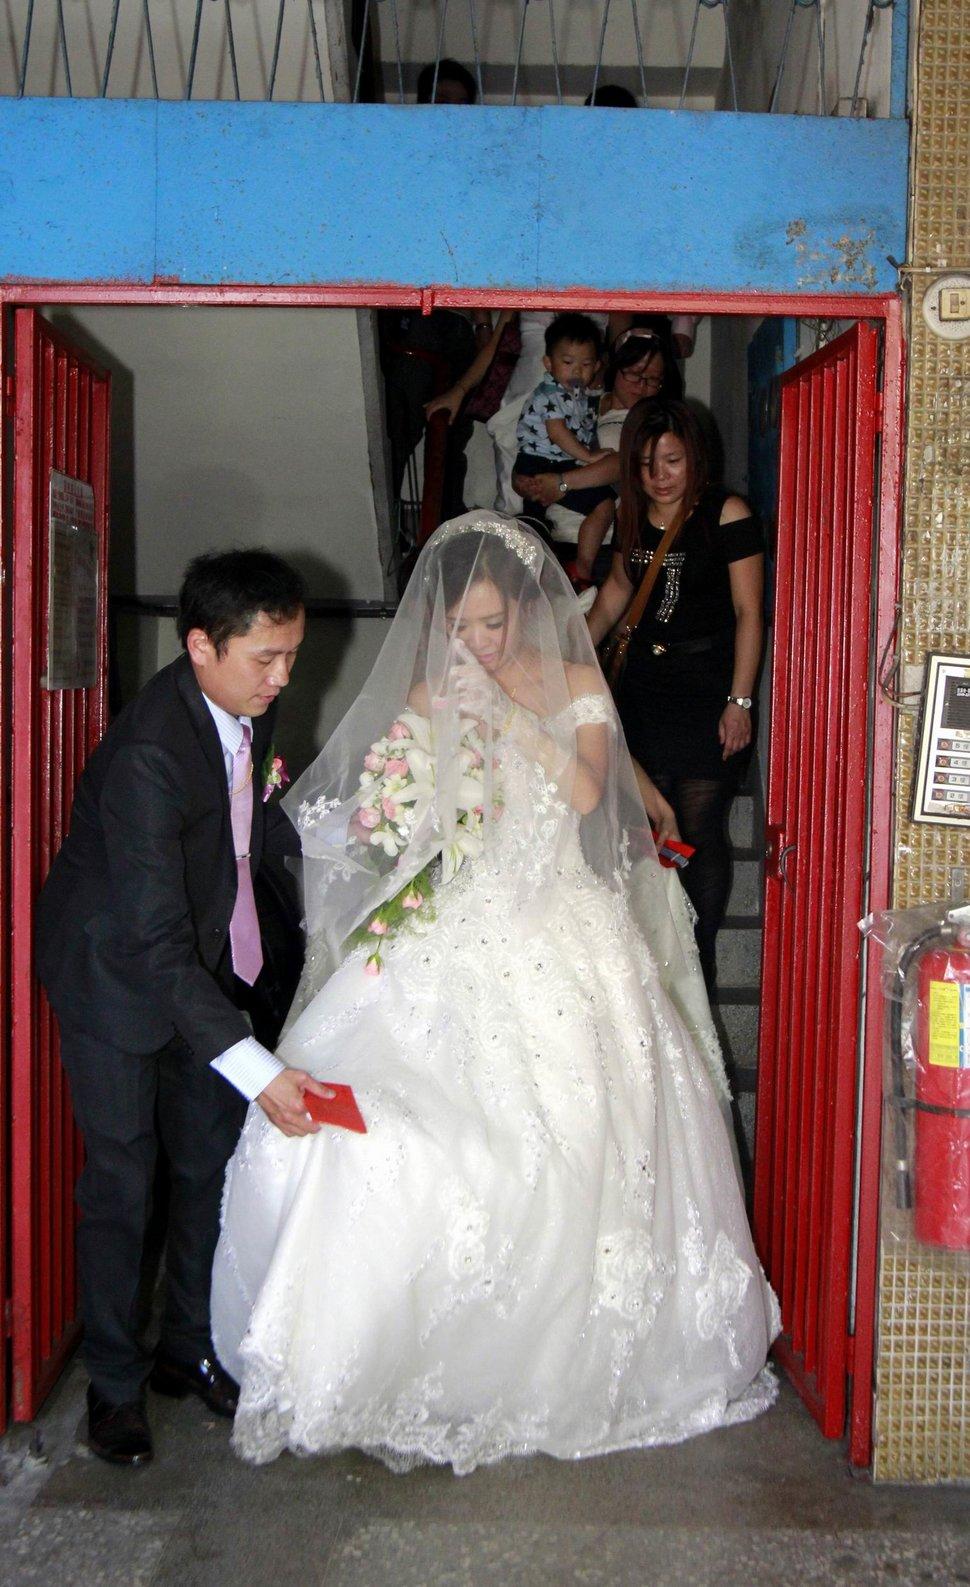 永和易牙居婚宴廣場宴會廳婚婚禮記錄結婚迎娶婚禮記錄動態微電影錄影專業錄影平面攝影婚攝婚禮(編號:213030) - 蜜月拍照10800錄影12800攝影團隊 - 結婚吧